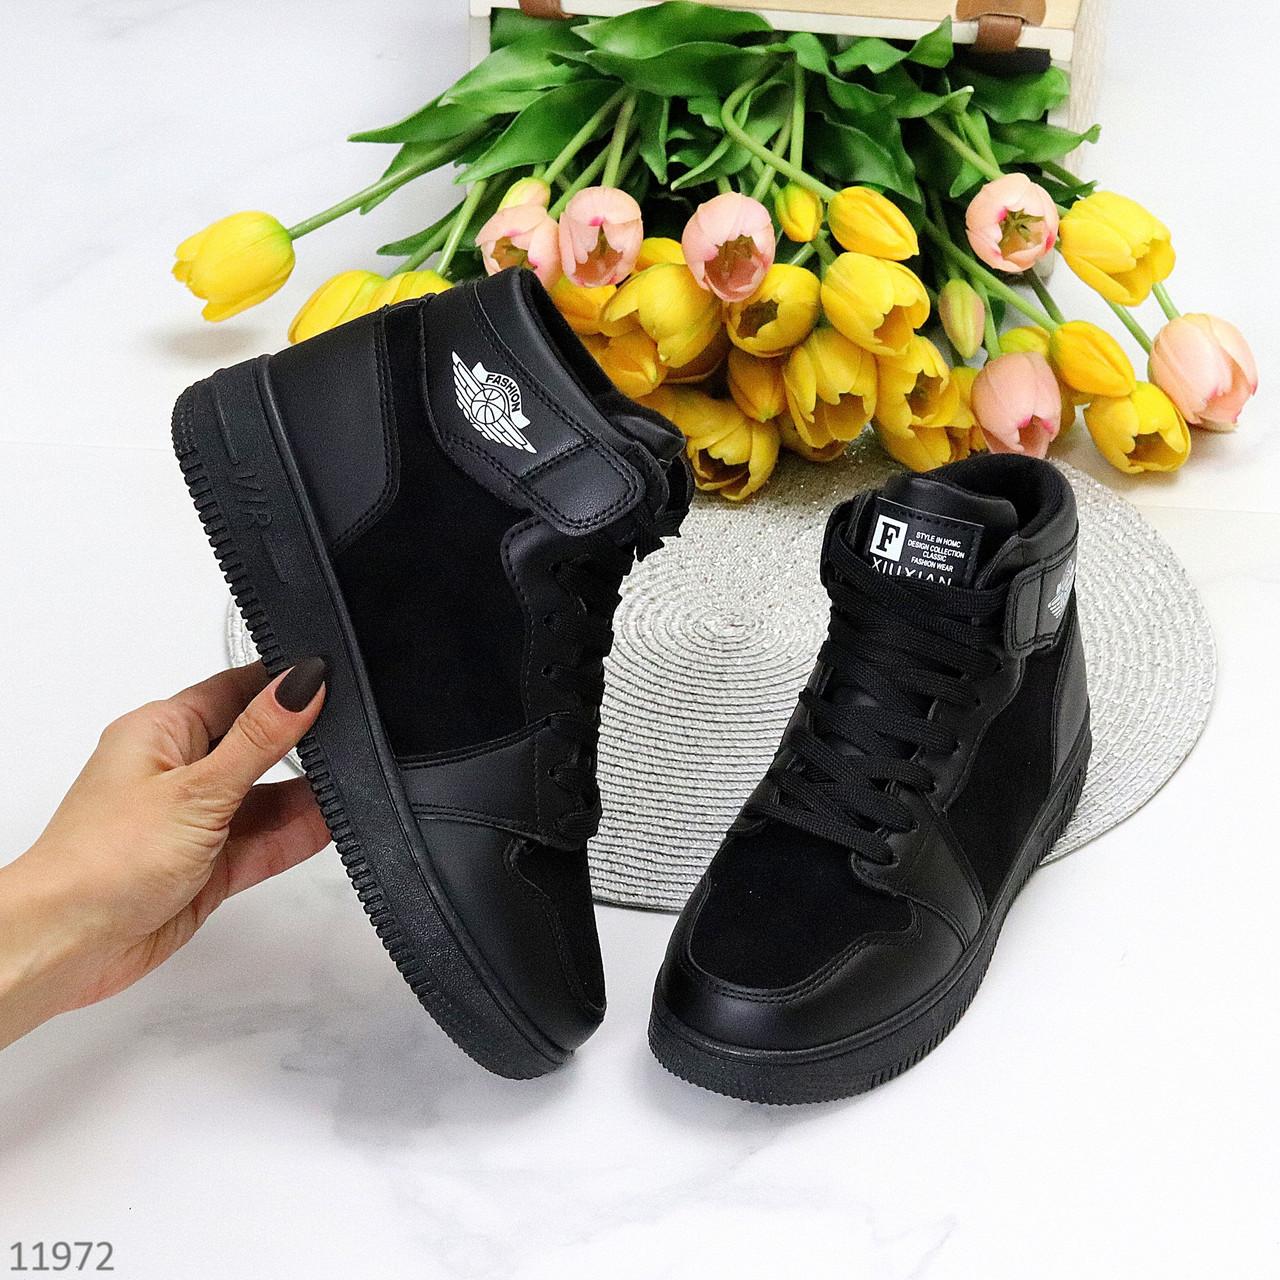 Чорні теплі об'єднані спортивні жіночі черевики кросівки зима 2021